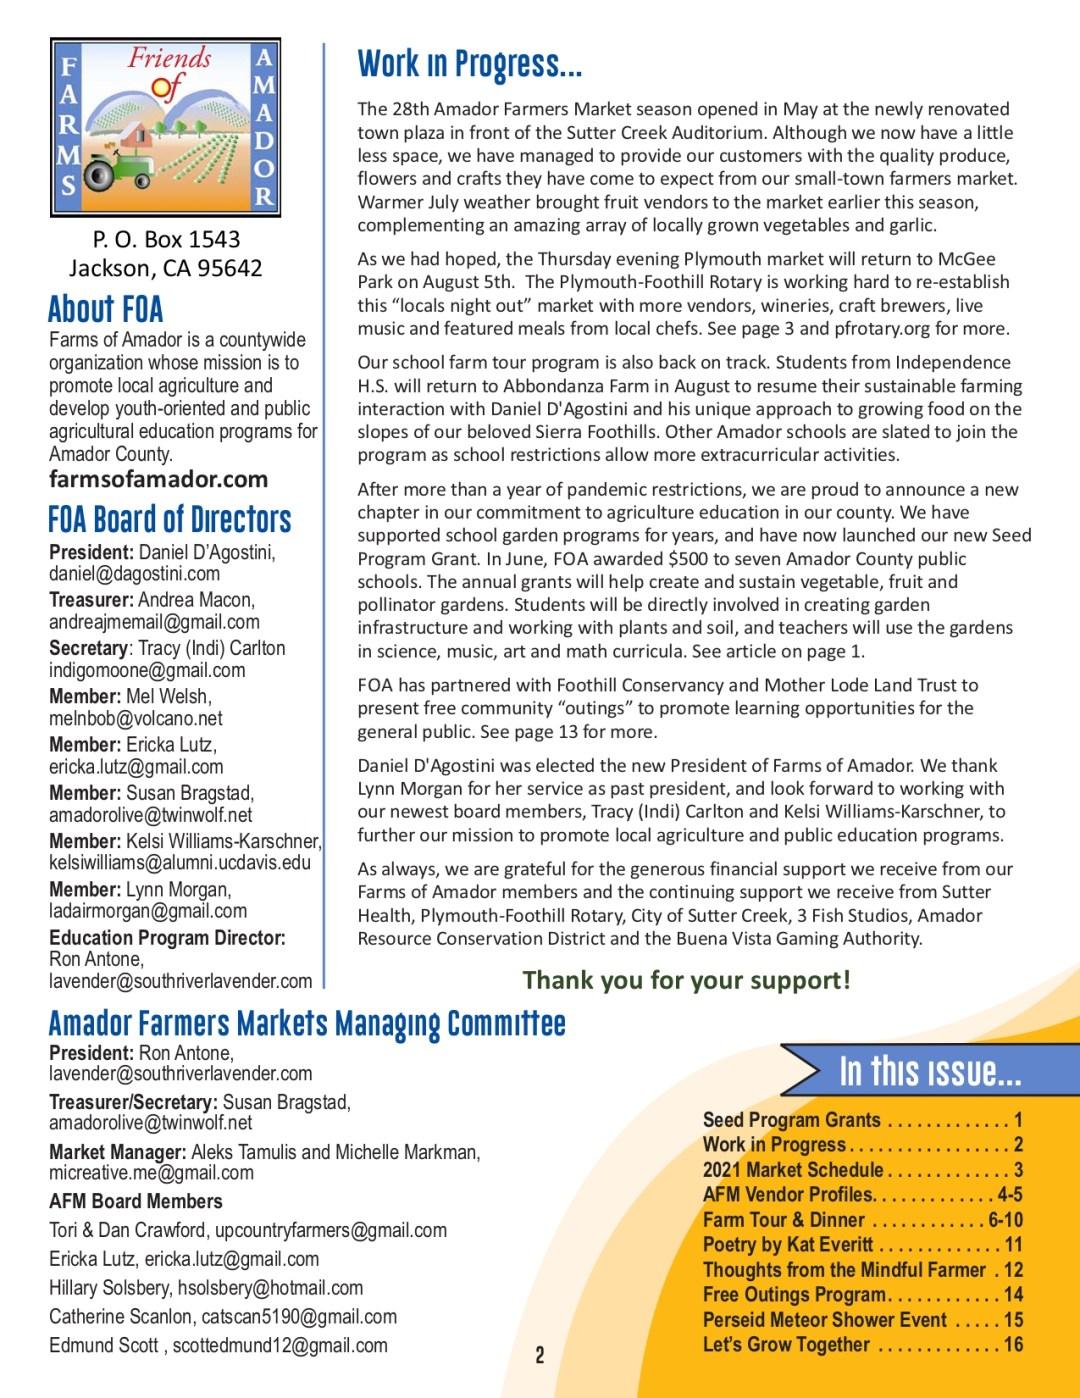 FOA Newsletter - Summer 2021 - pg 2